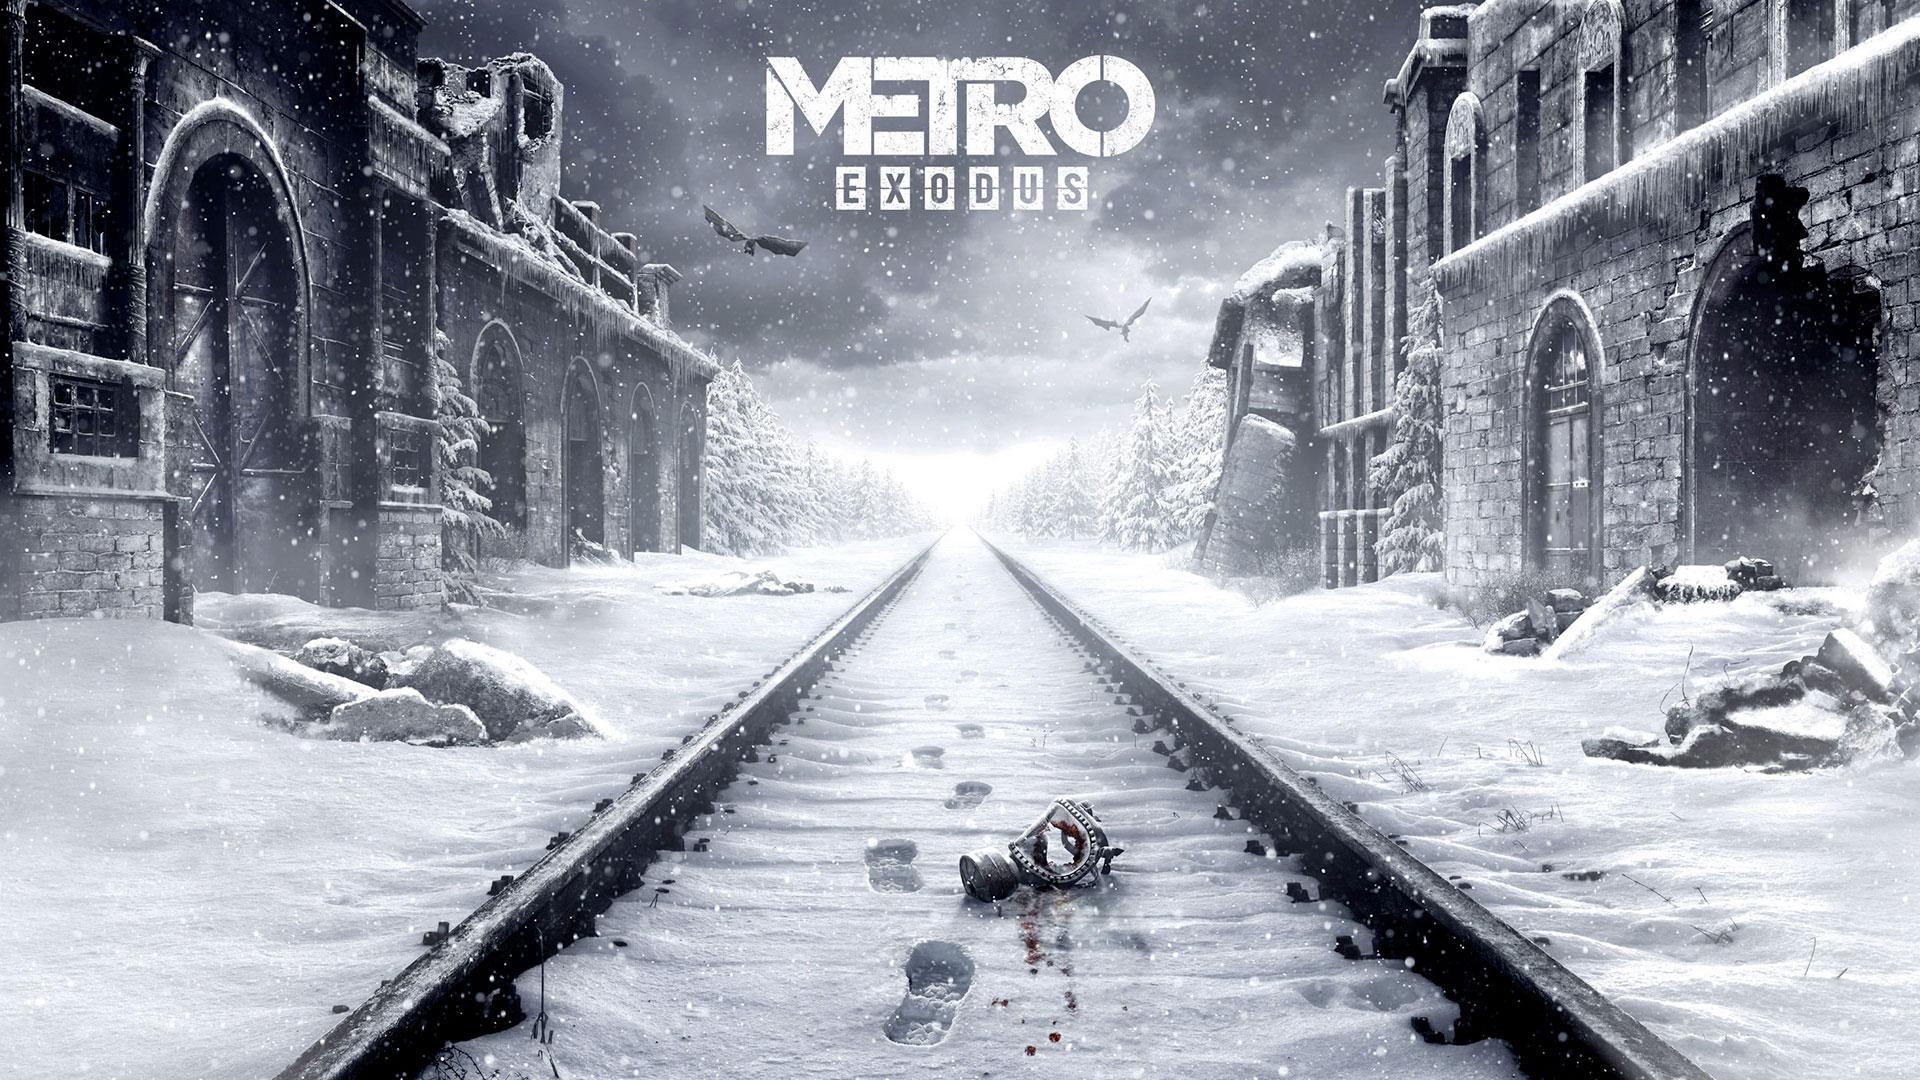 Metro-Exodus-illu.jpg